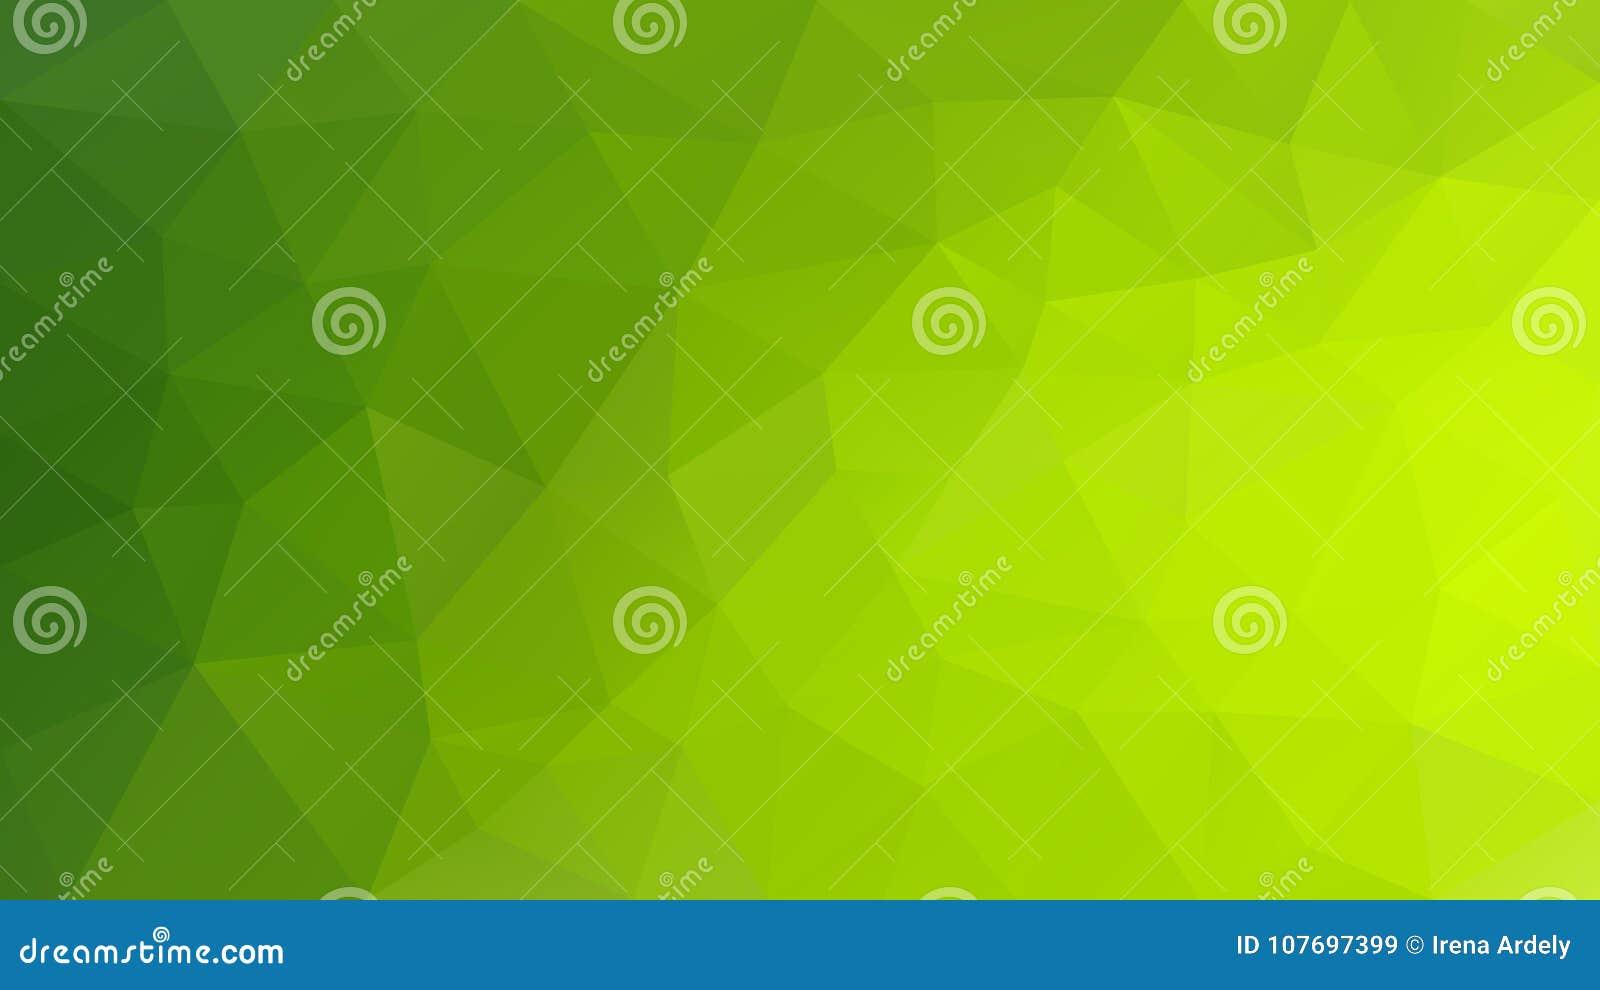 导航不规则的多角形背景-三角低多样式-充满活力的聚焦绿色